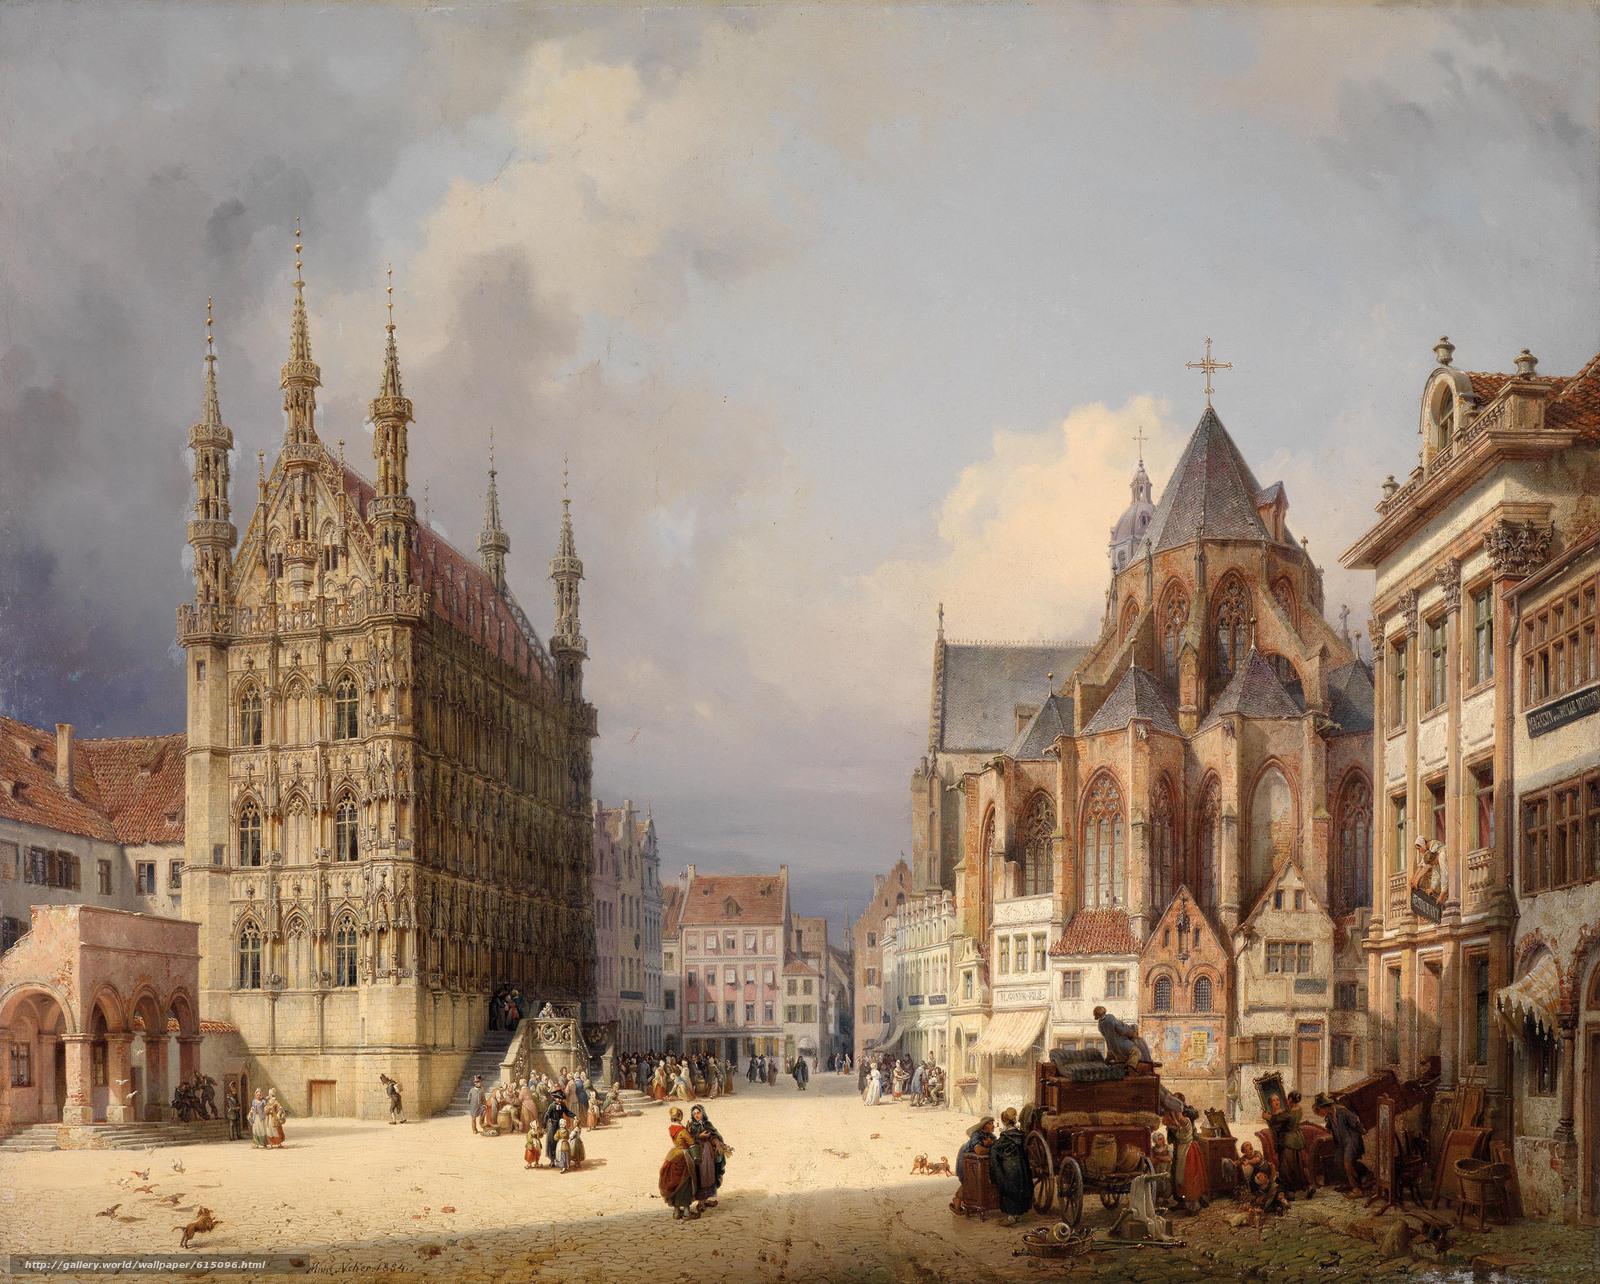 Скачать обои Рыночная площадь,  Лёвен,  1854,  Австрия бесплатно для рабочего стола в разрешении 2500x2006 — картинка №615096